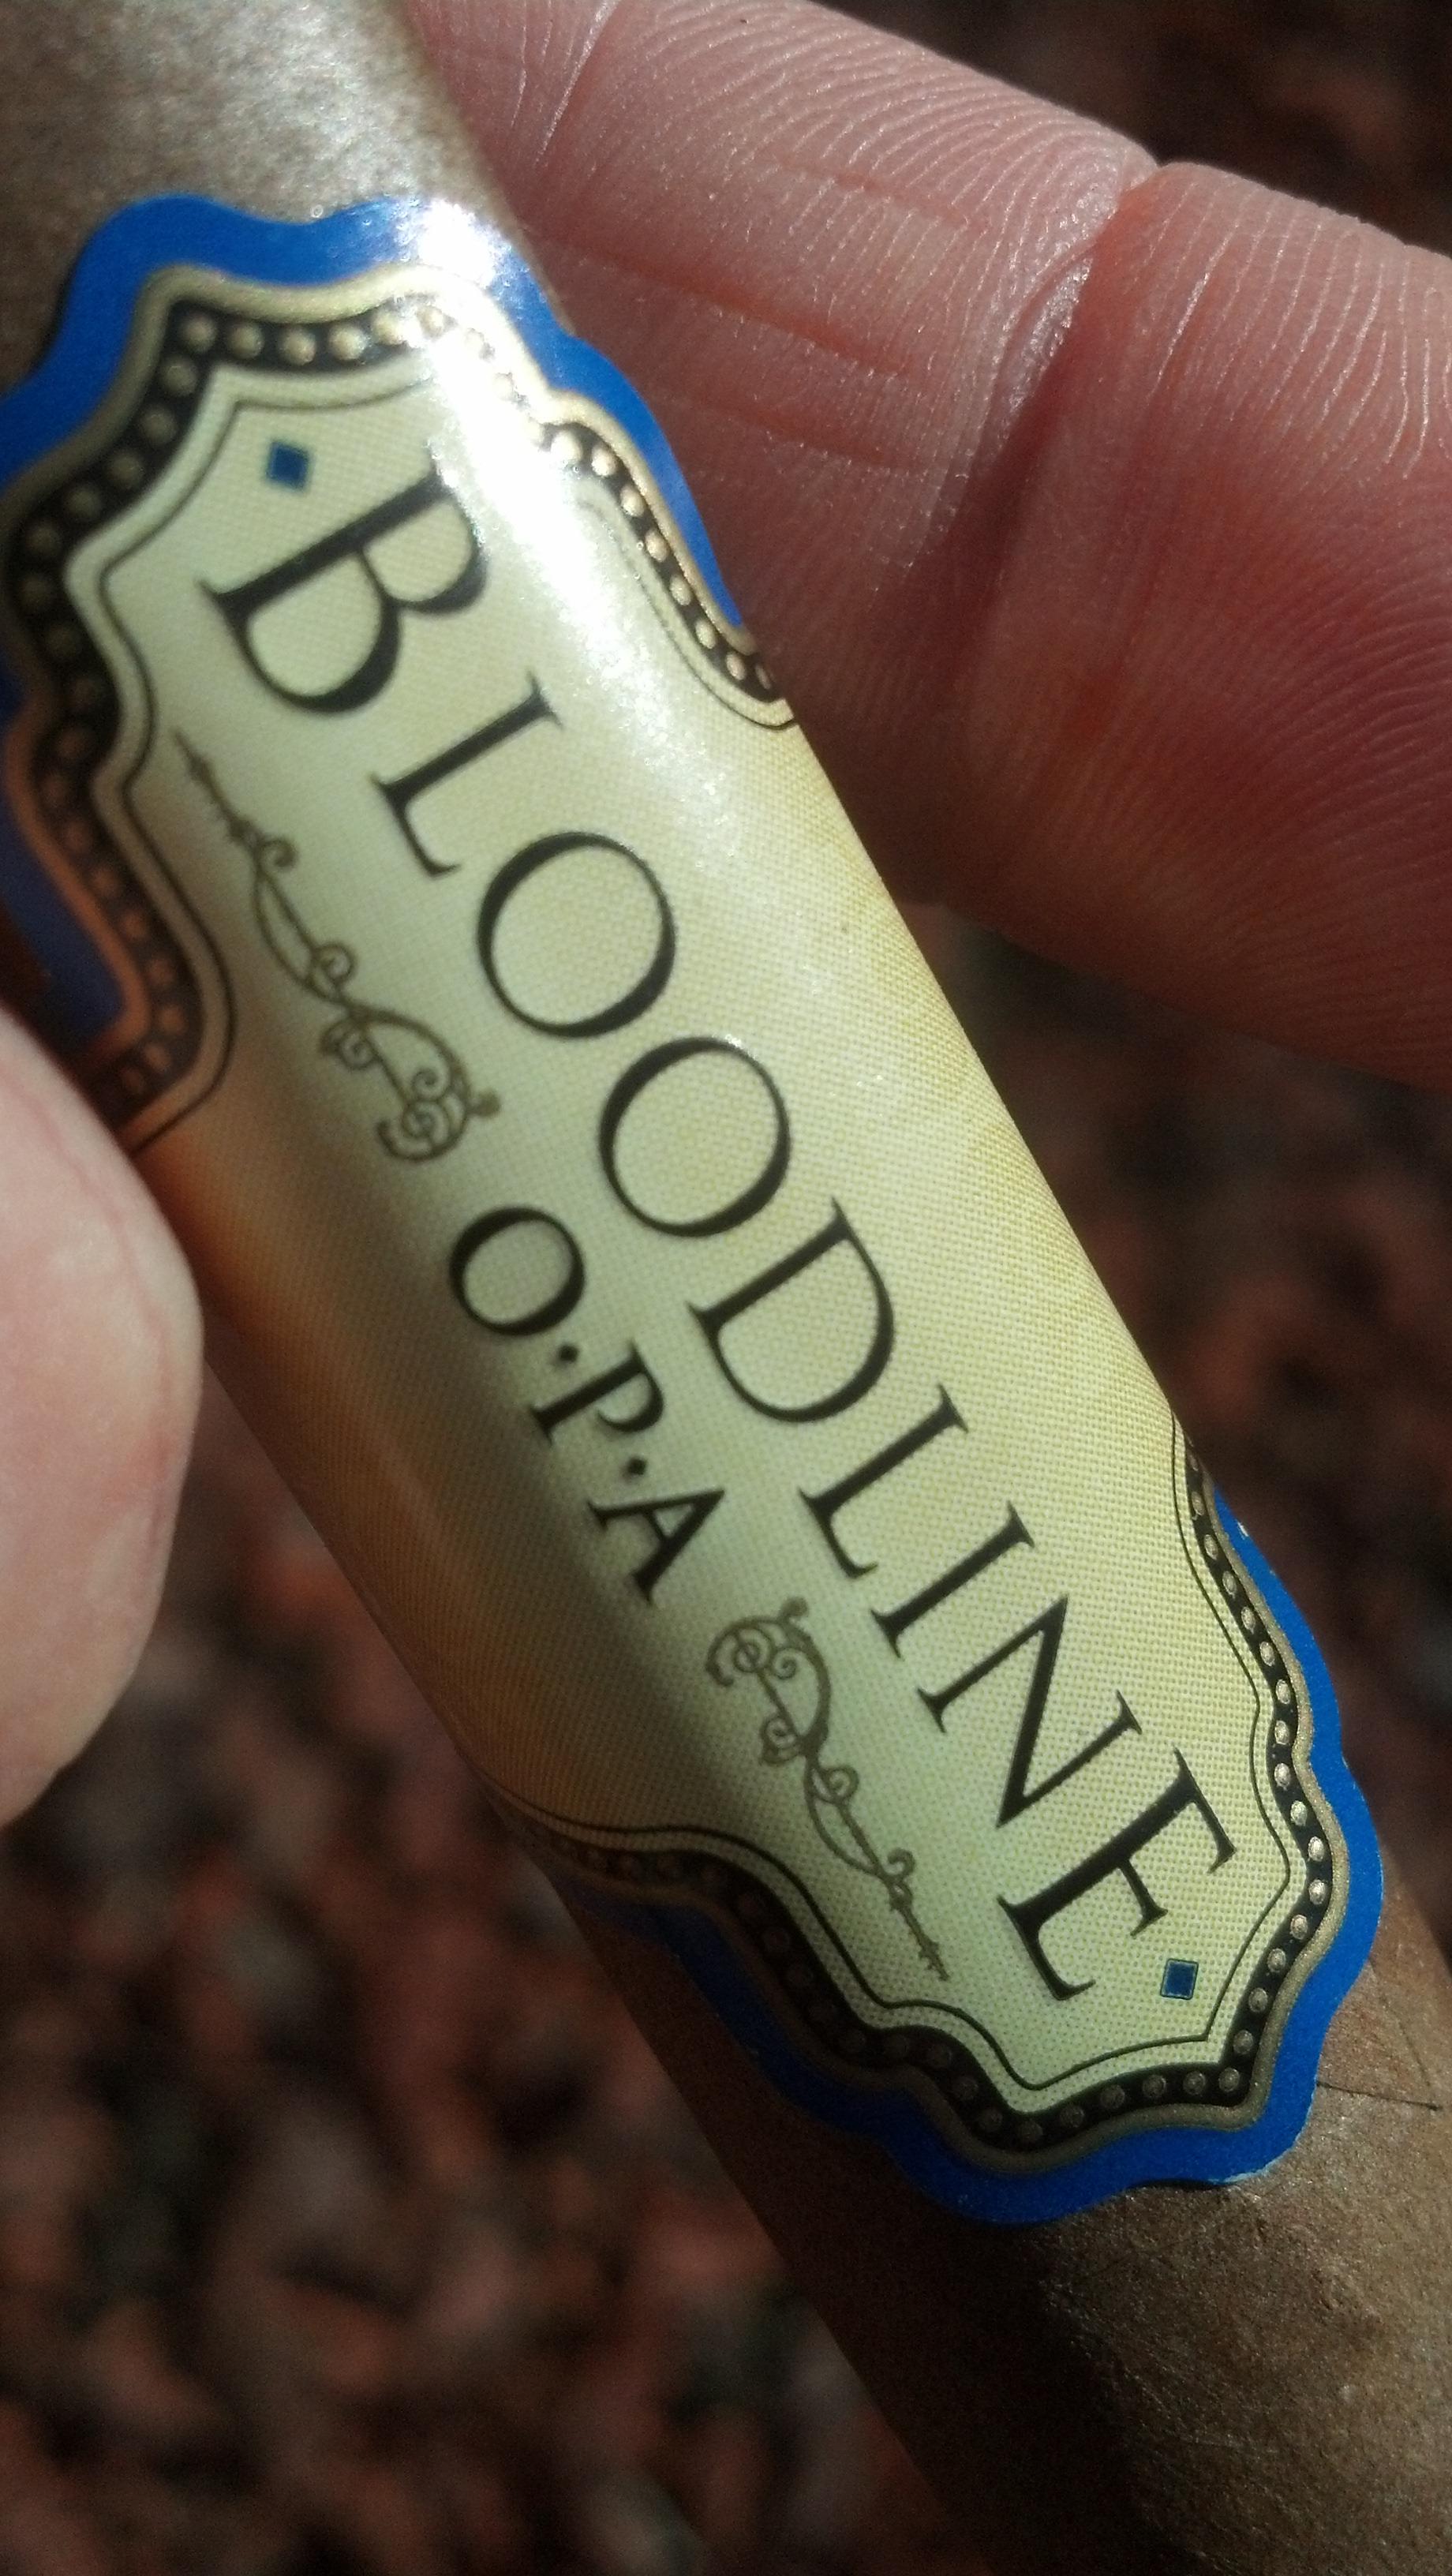 Bloodline blonde